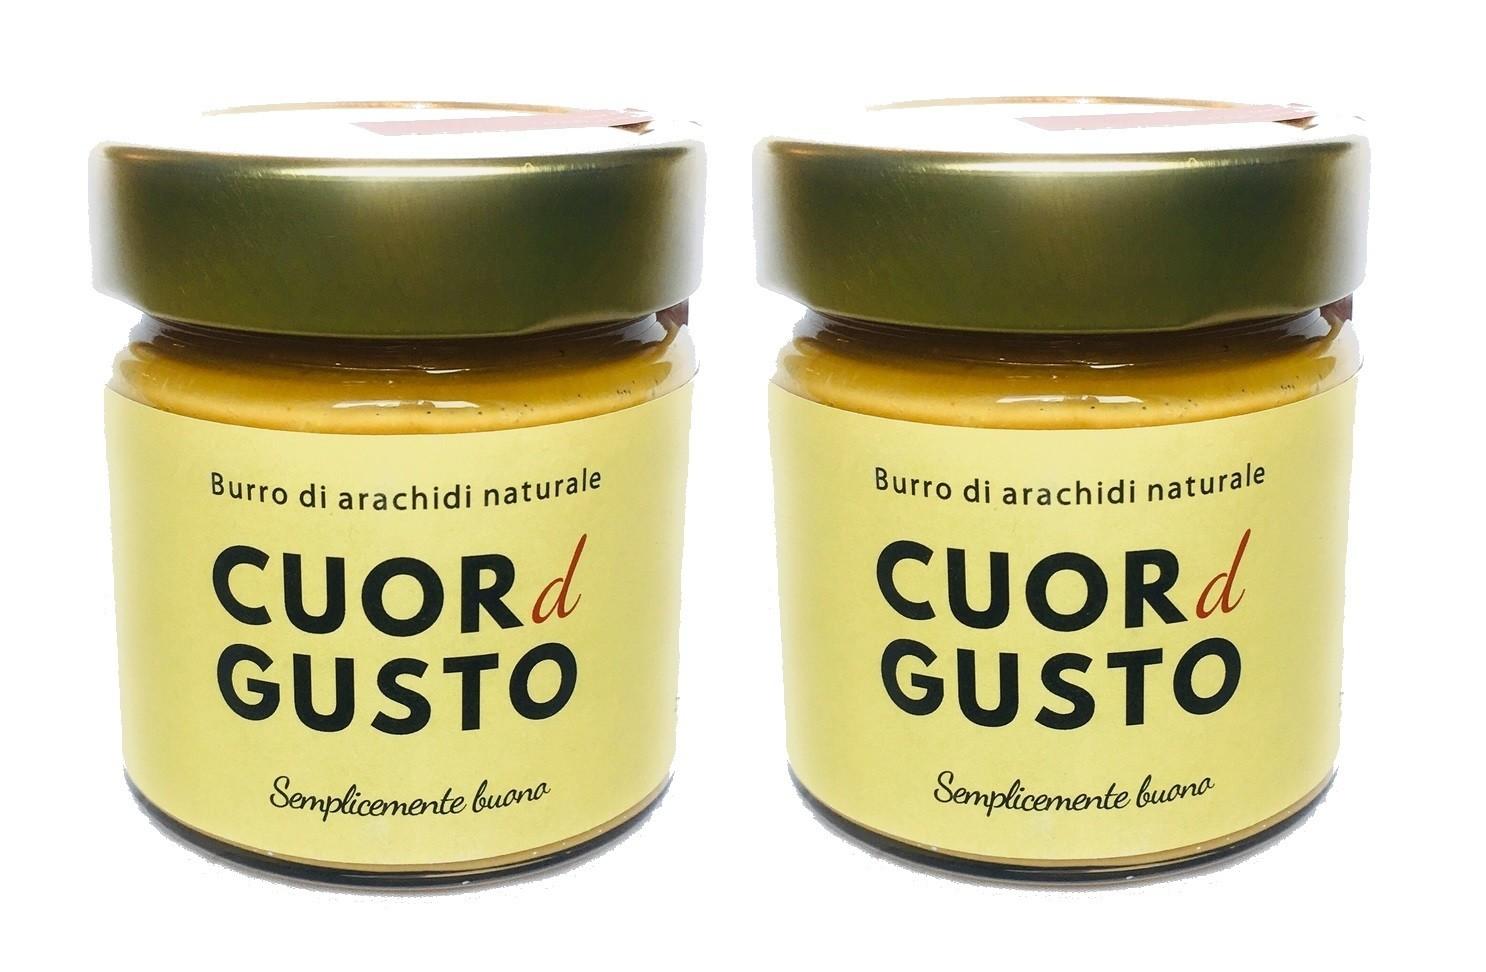 Burro di arachidi naturale Italiano, x2 vasetti 250g